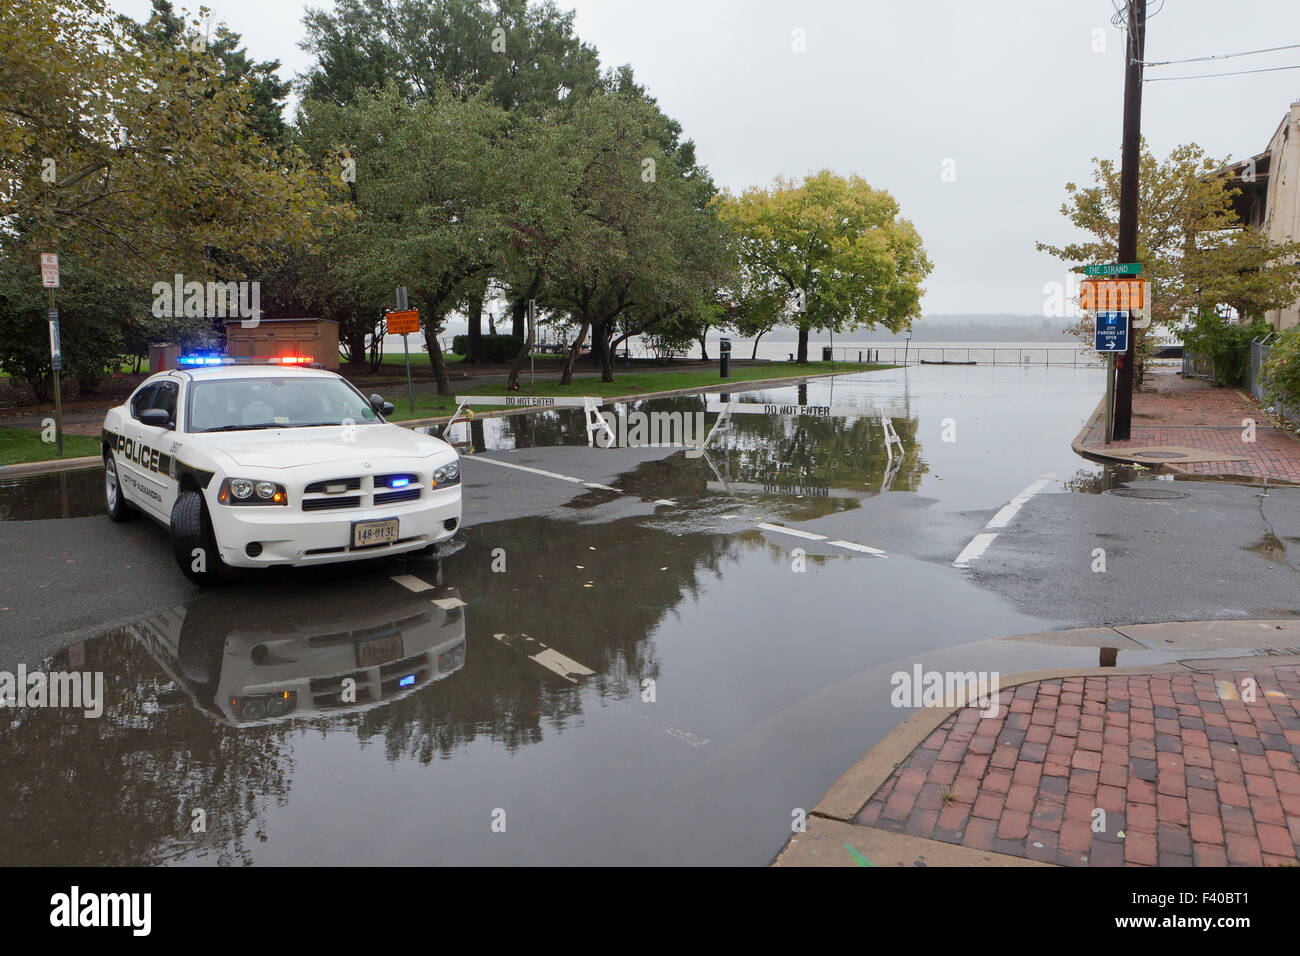 Coche de policía camino inundado de bloqueo - Alexandria, Virginia, EE.UU. Imagen De Stock